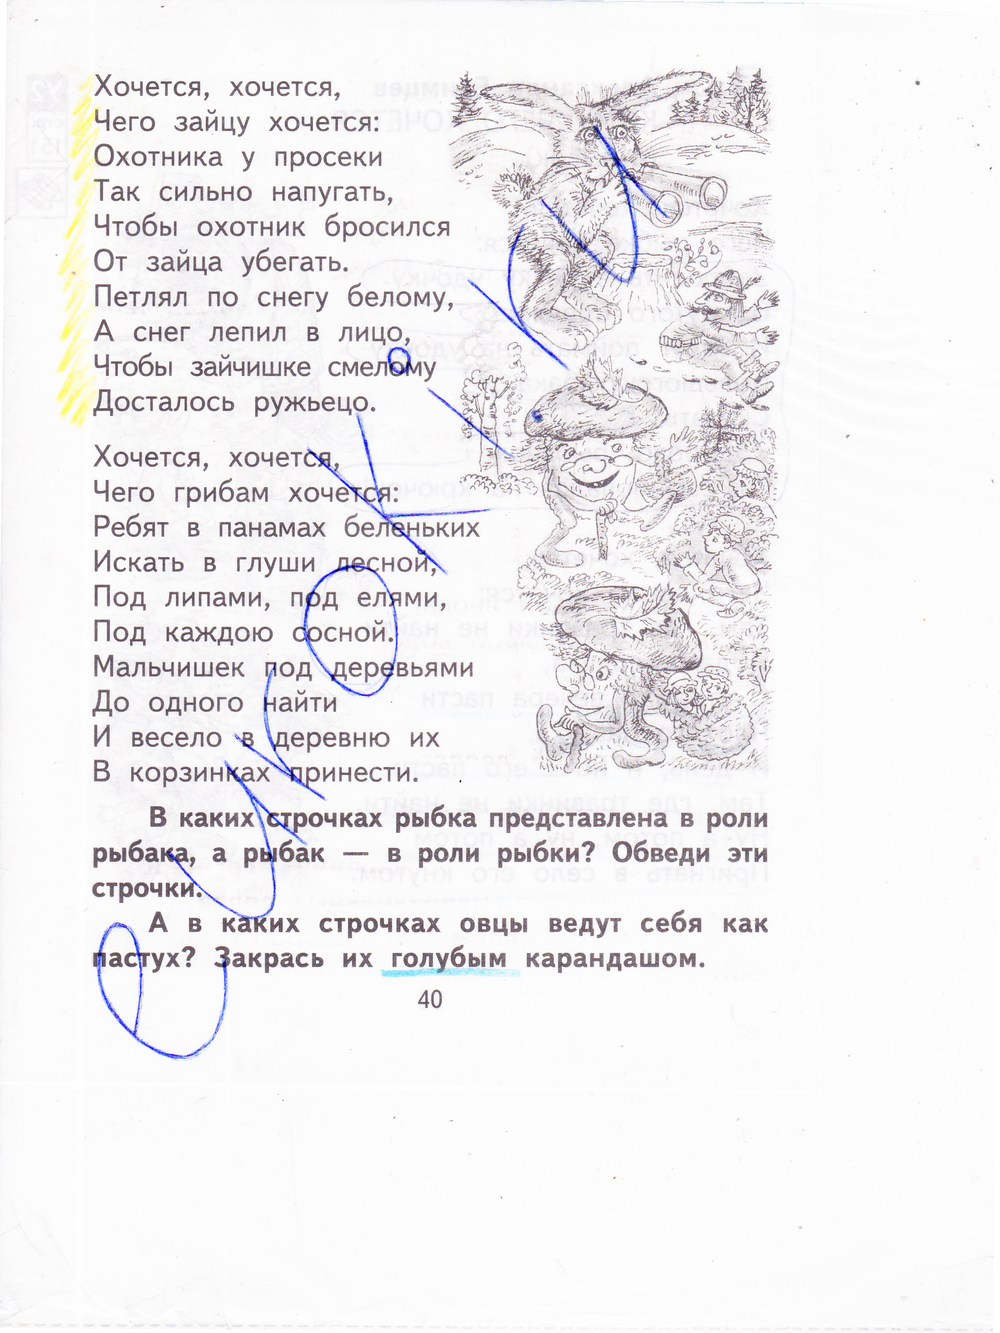 ГДЗ по литературному чтению 2 класс рабочая тетрадь Малаховская Часть 1, 2. Задание: стр. 40